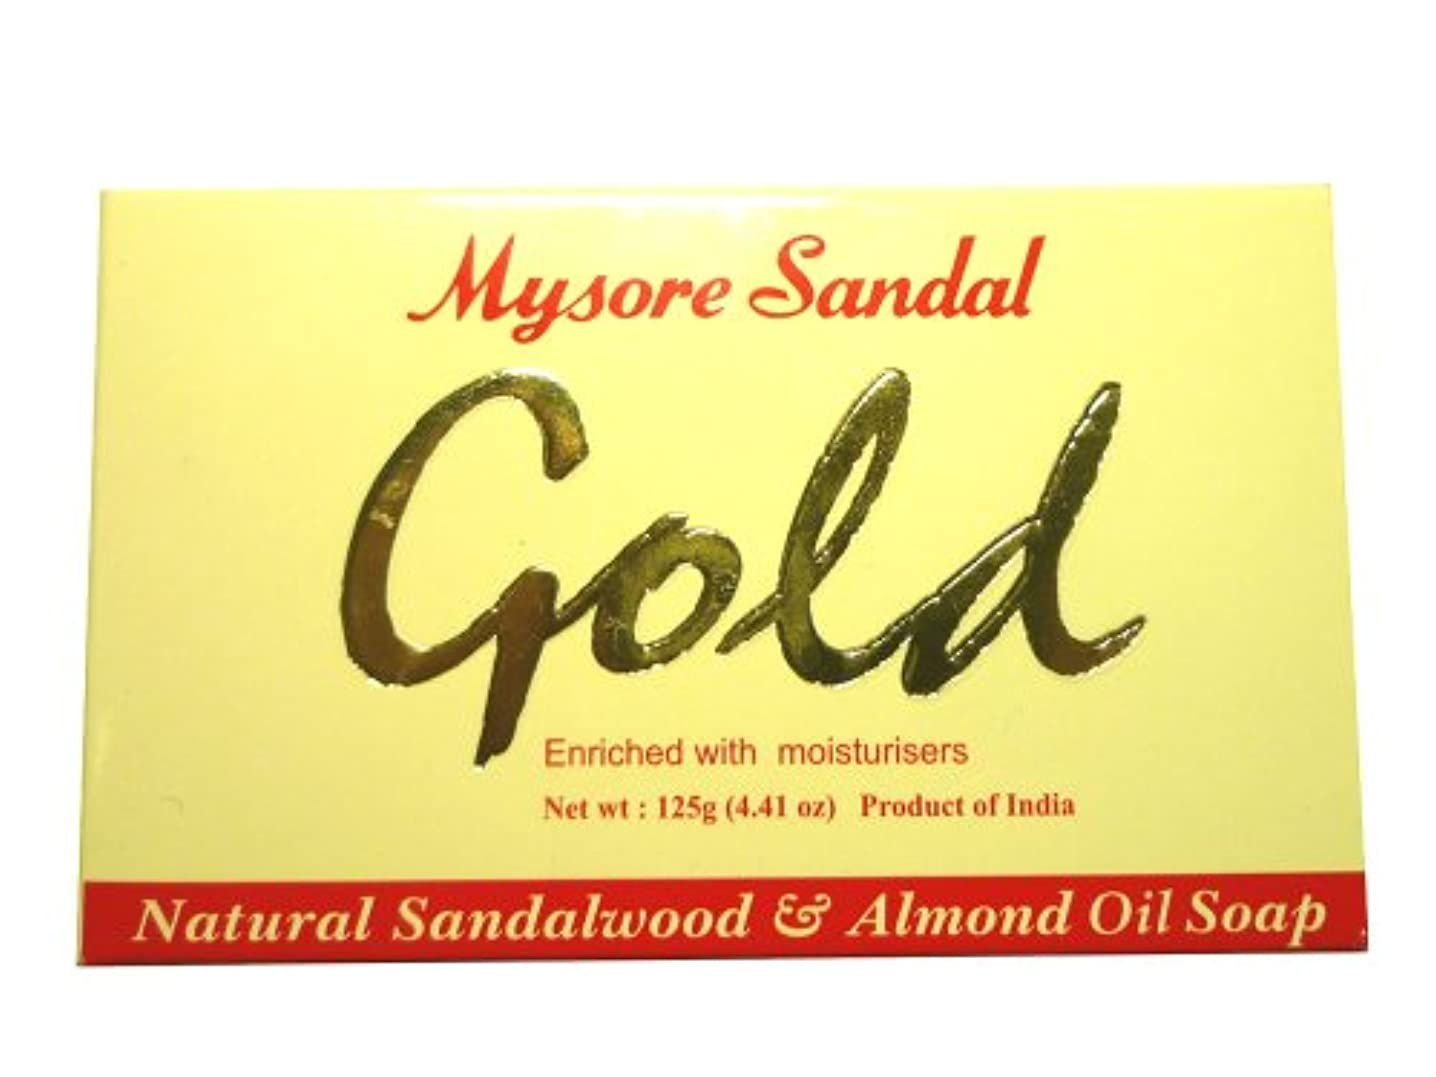 時敬威信高純度白檀油配合 マイソール サンダルゴールドソープ